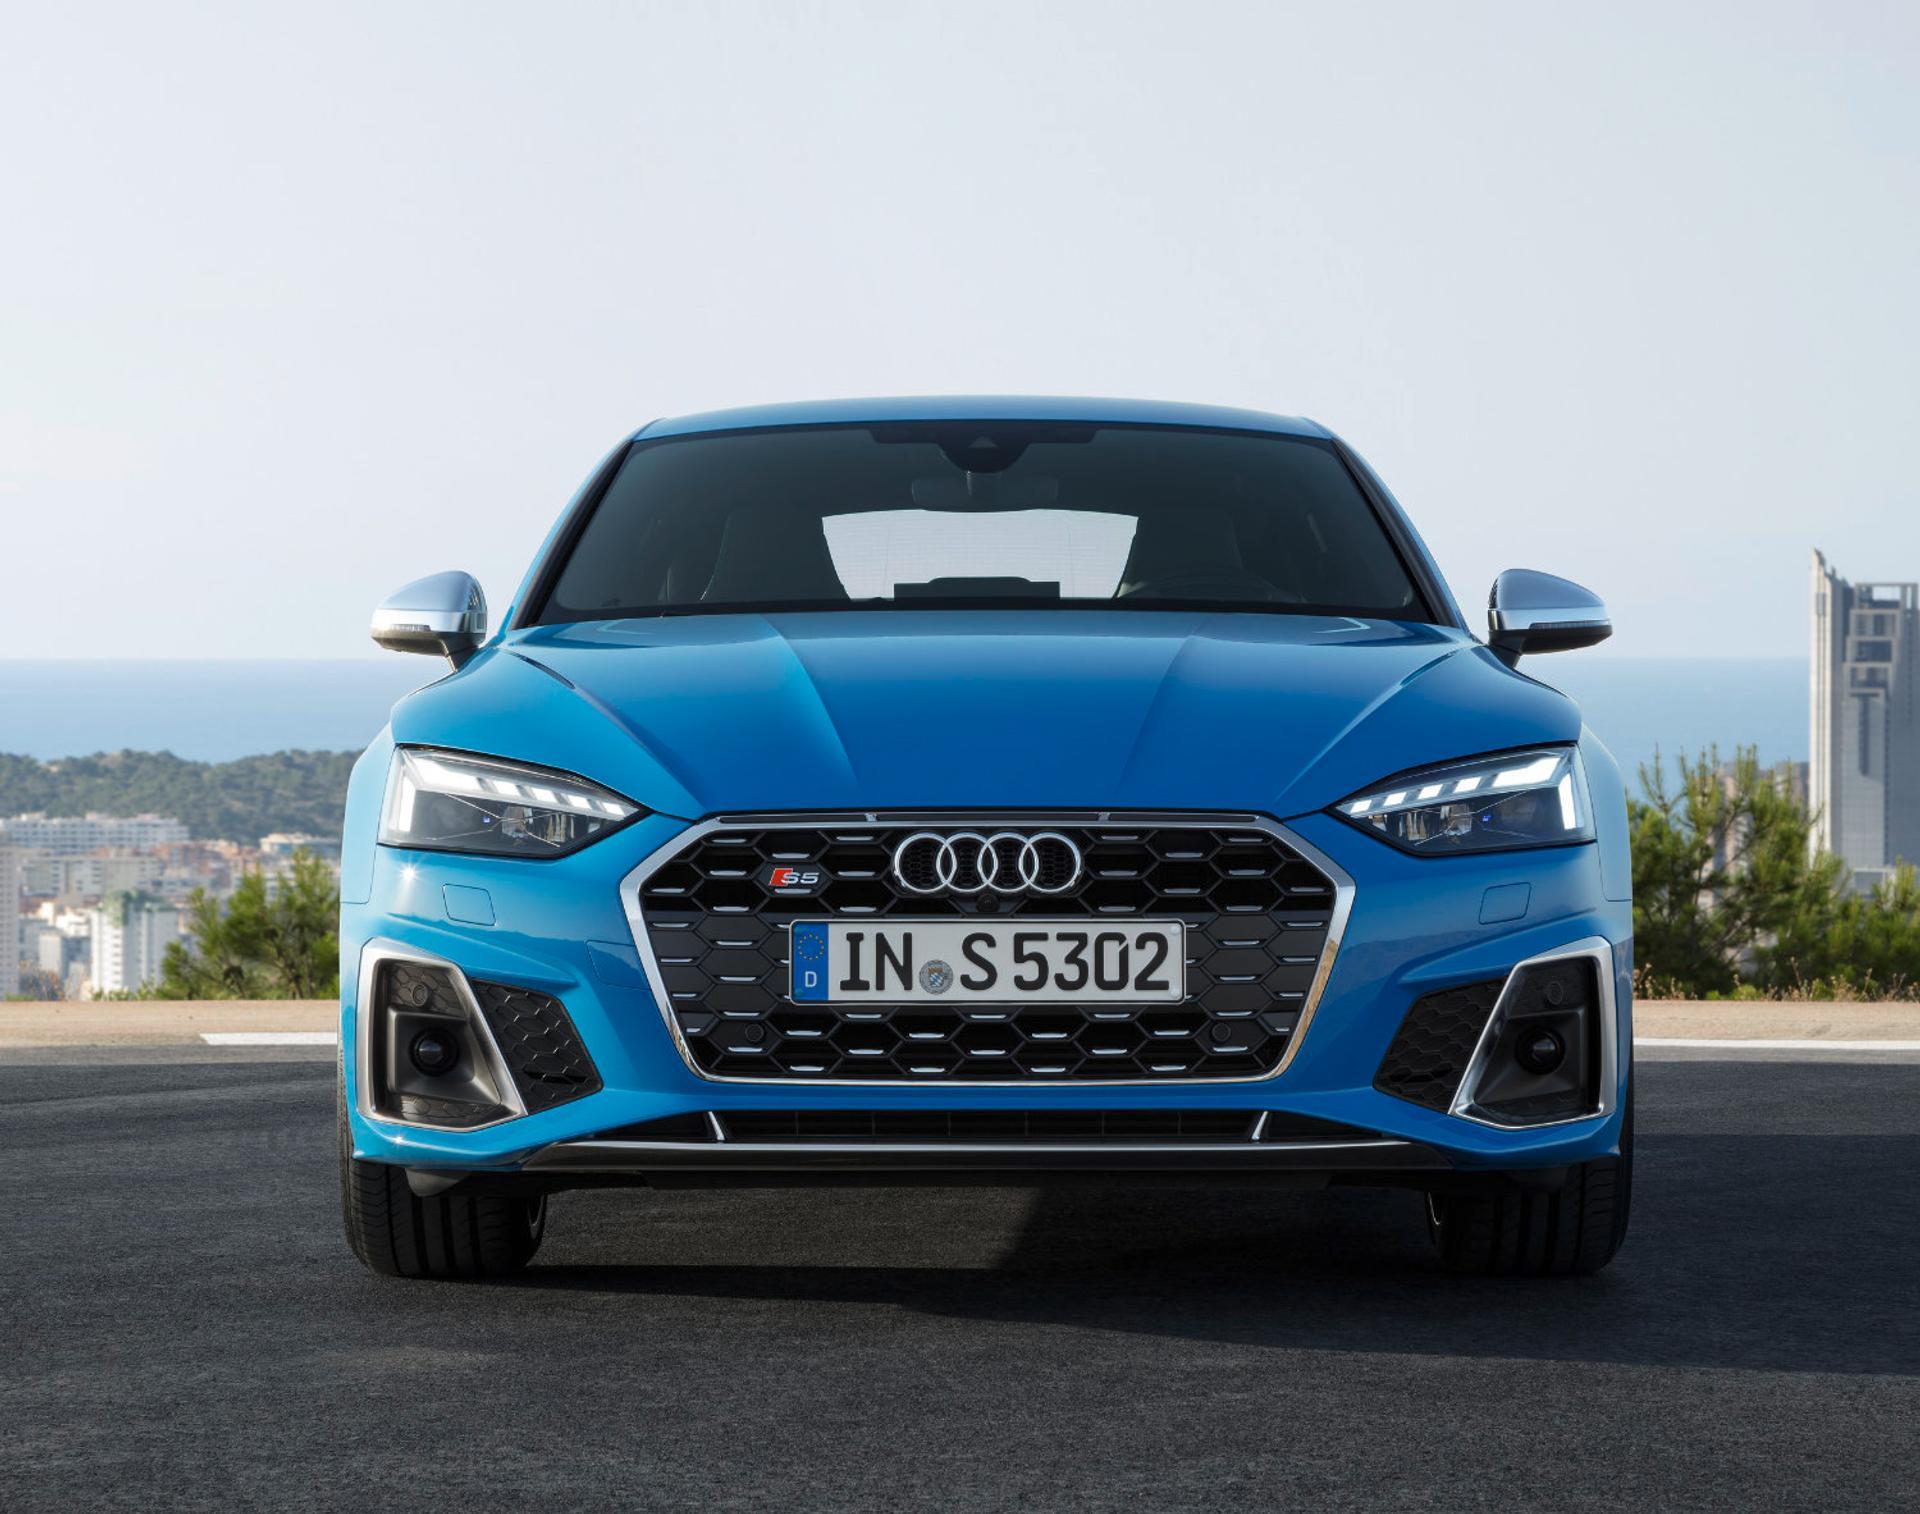 2021 Audi S5 Premium